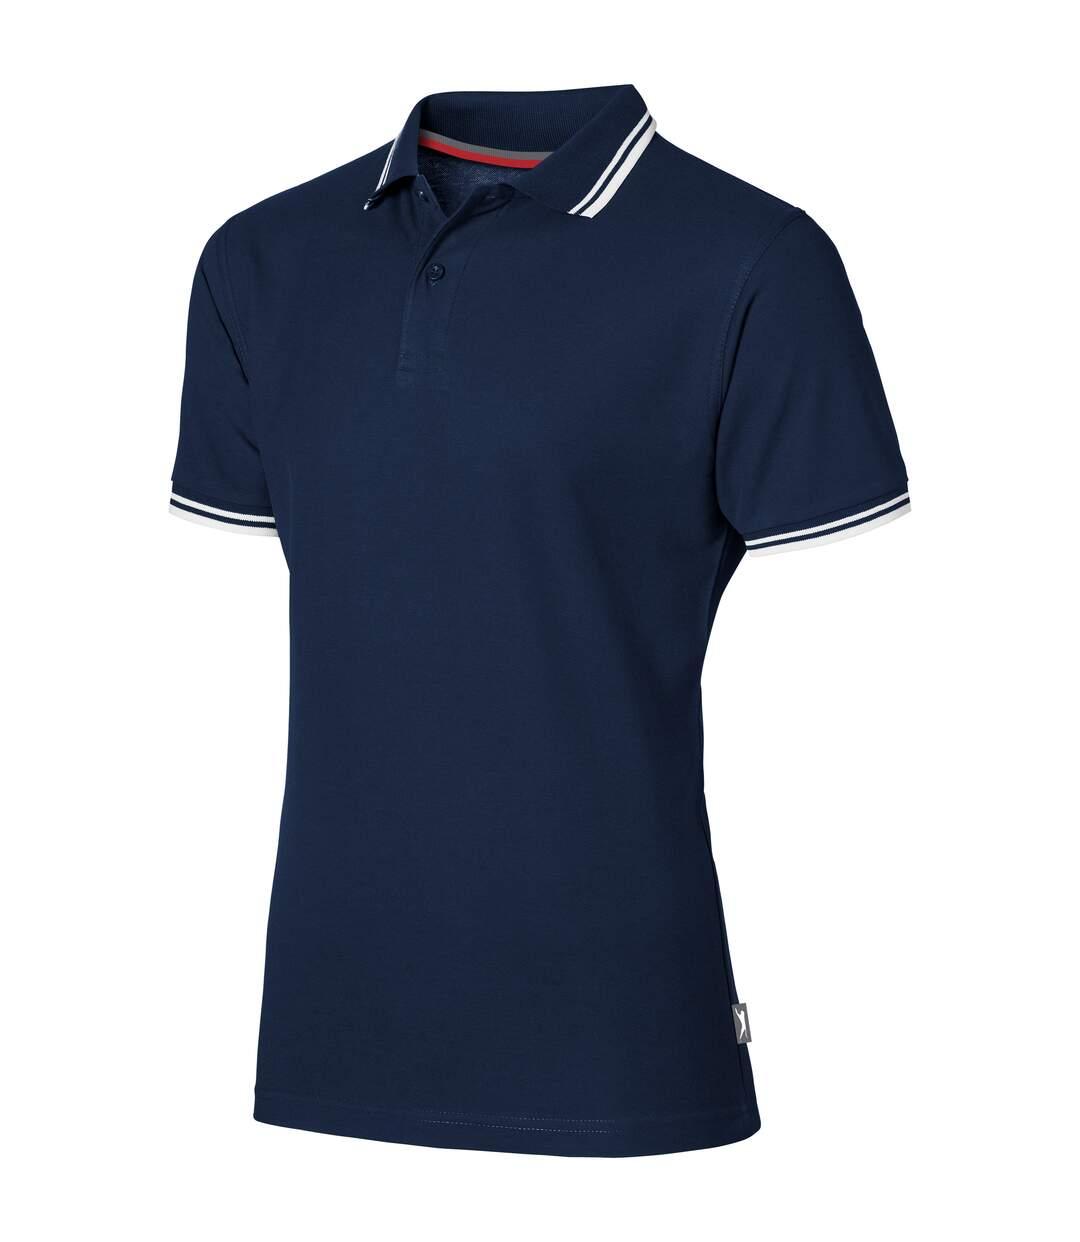 Slazenger Mens Deuce Short Sleeve Polo (Pack of 2) (Navy) - UTPF2500